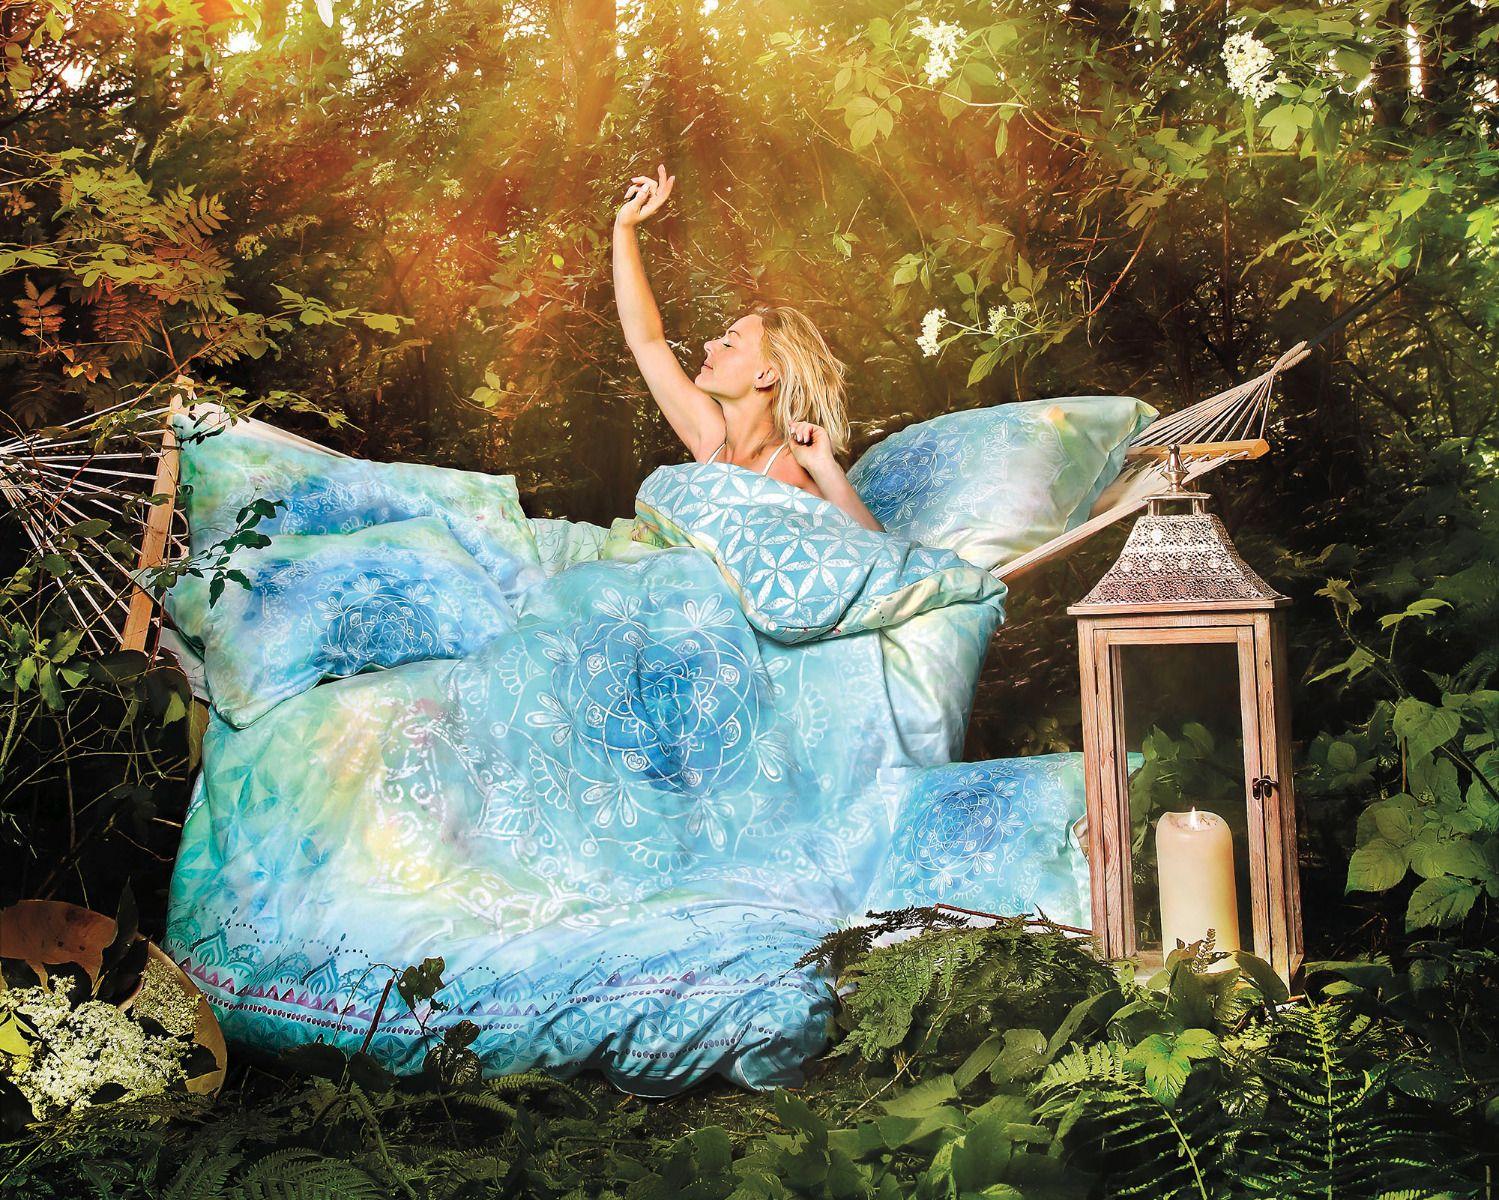 Bio-Bettwäsche in blau grün auf Hängematte im Wald. Blonde Frau streckt sich genüsslich. Kissen, Dekoration, Blüten, Kerzen